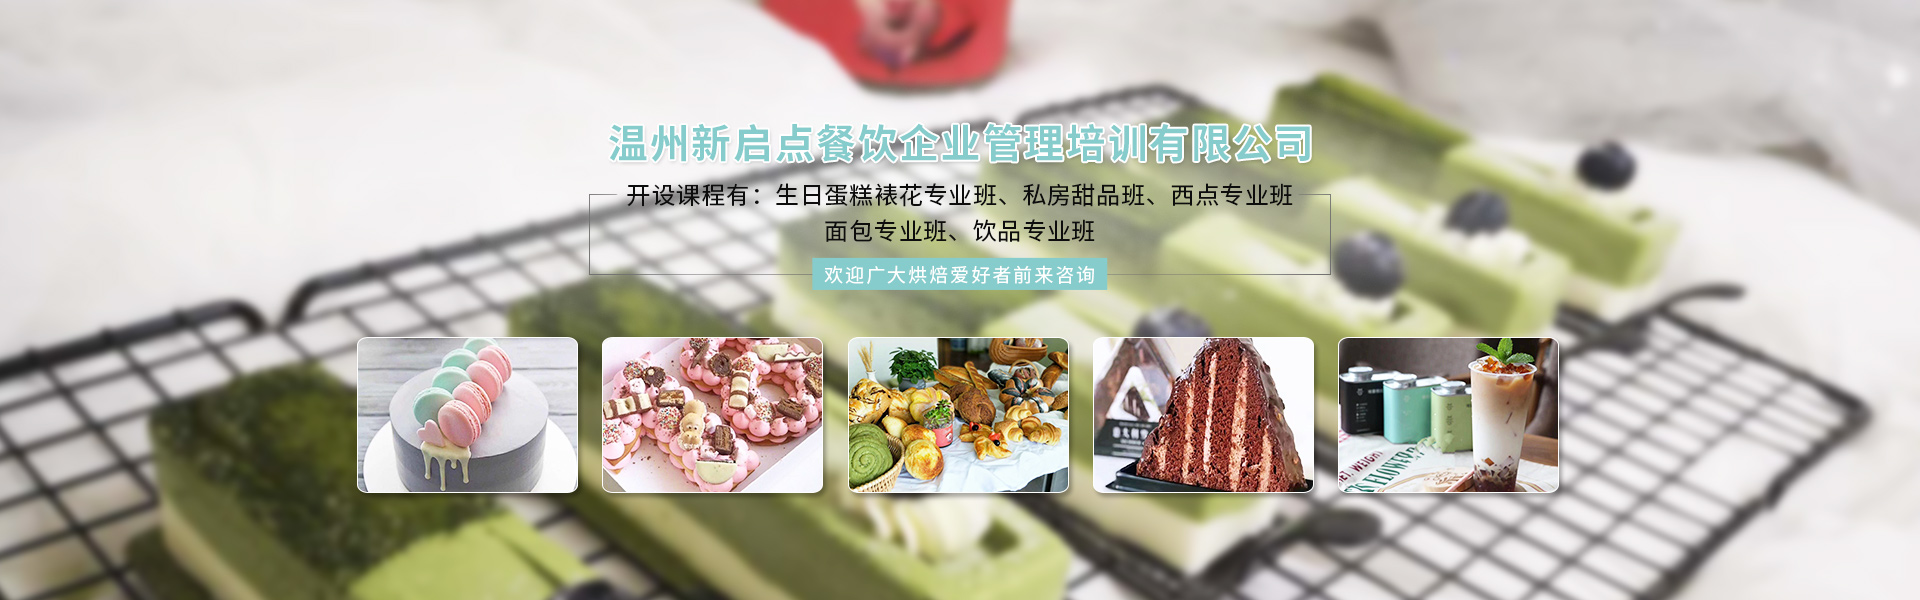 温州新启点餐饮企业管理有限公司